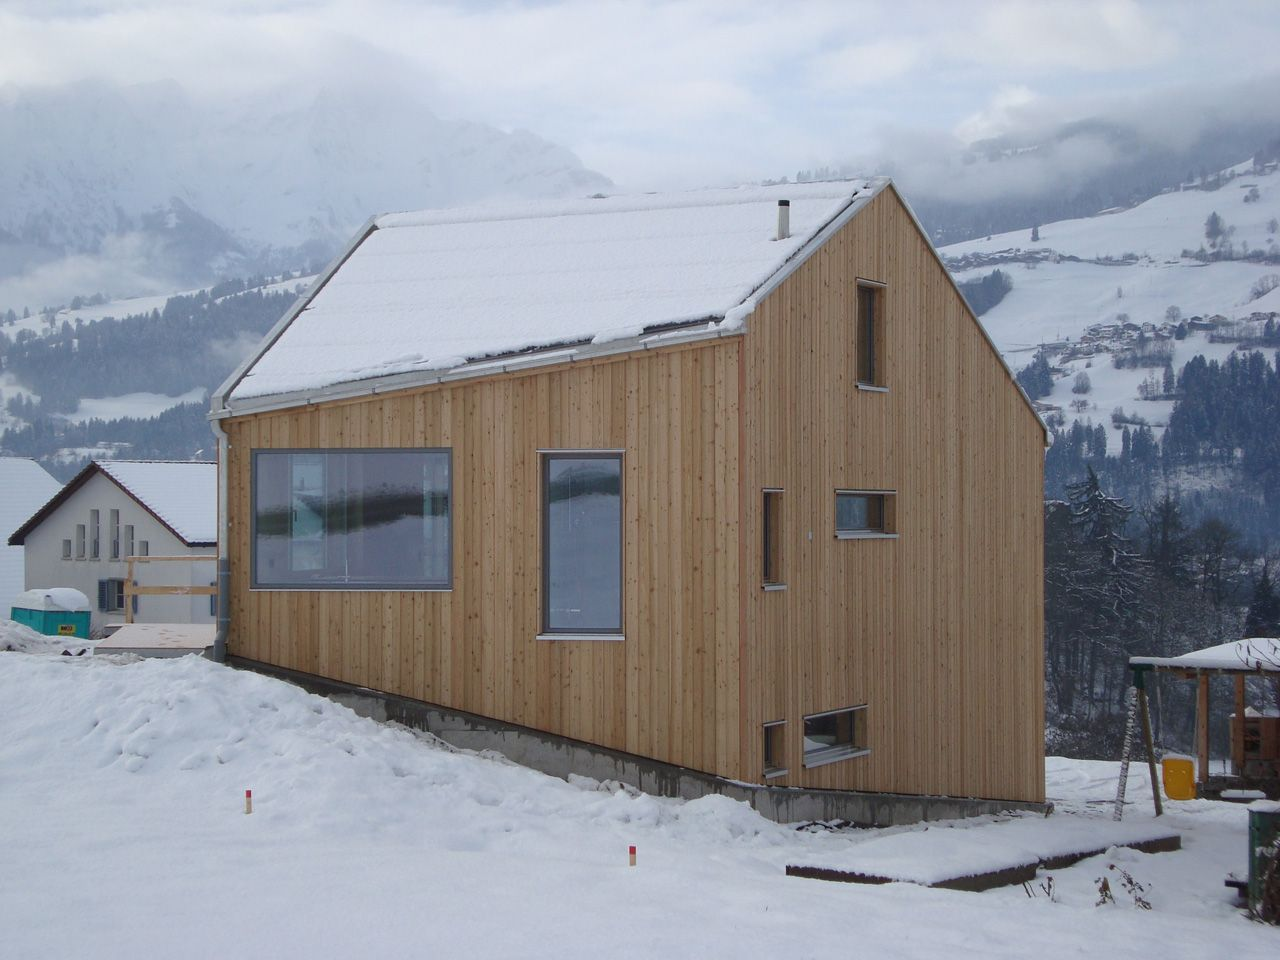 Gemütliches Ferienhaus mit heimeligen Holz, das sich aussen und ...